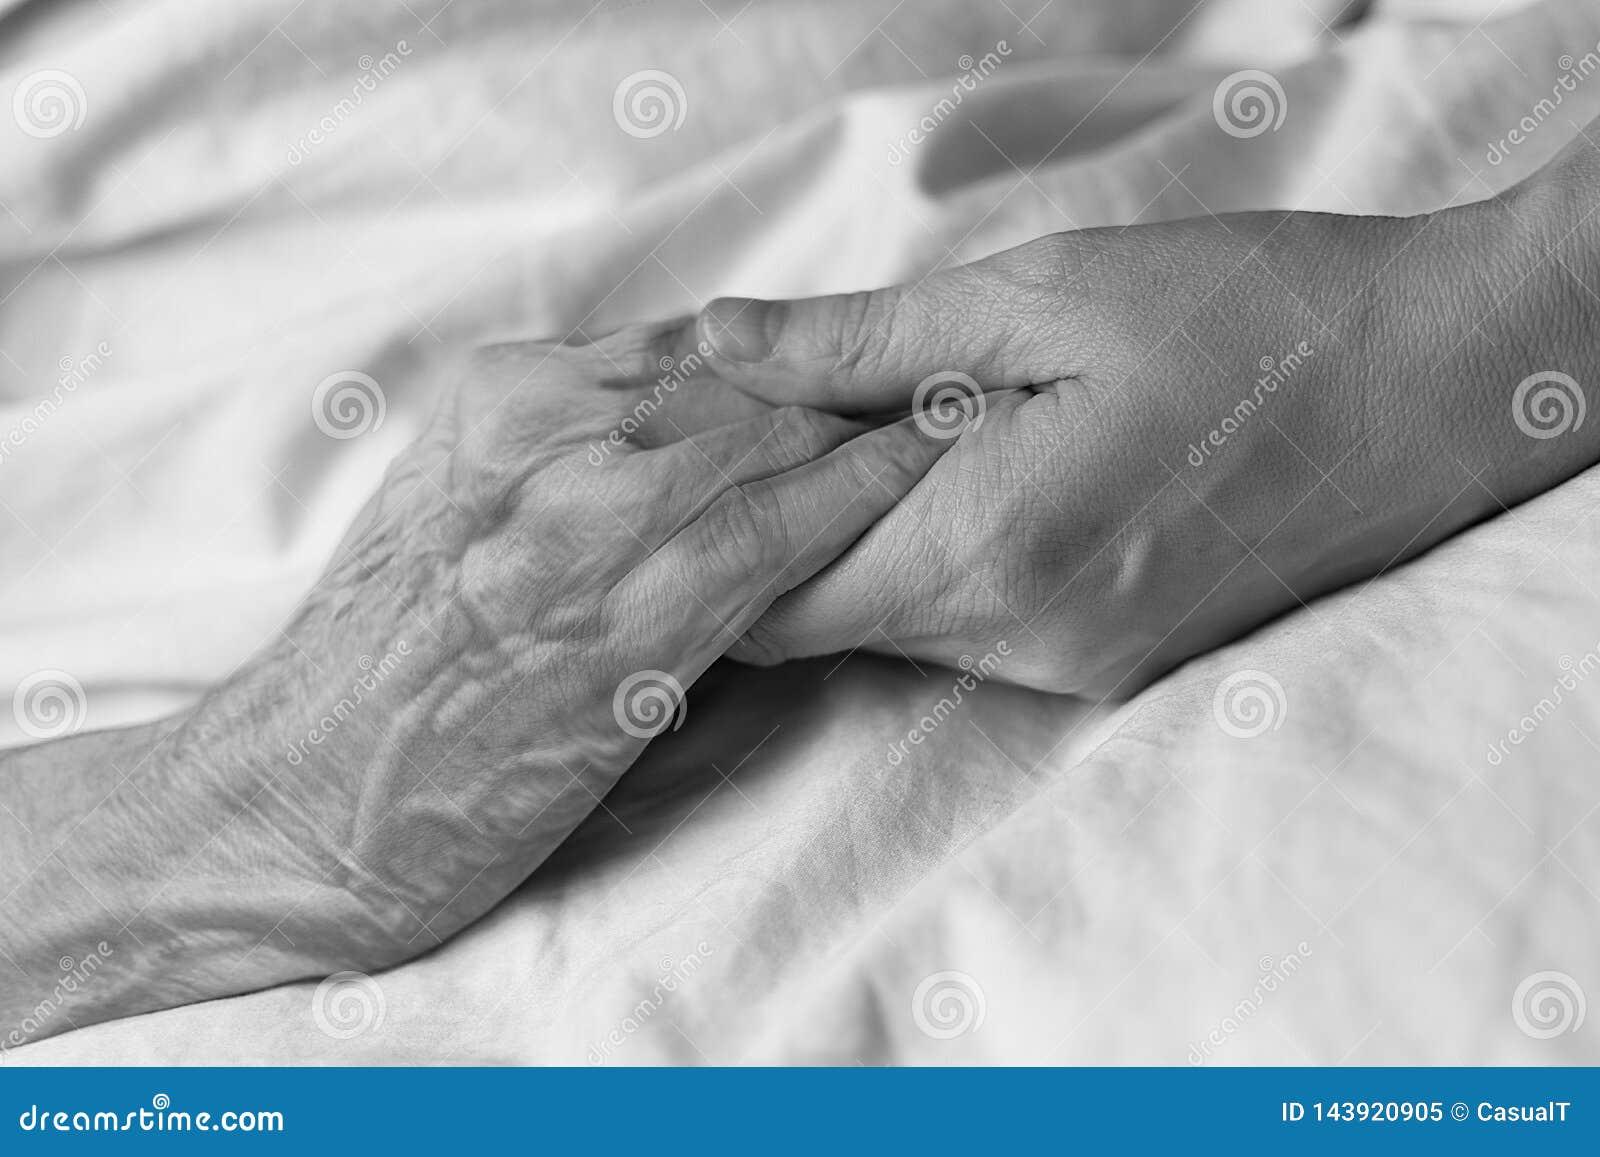 Eine junge Frau, welche die Hand einer alten Frau in einem Krankenhausbett, schwarz u. weiß hält